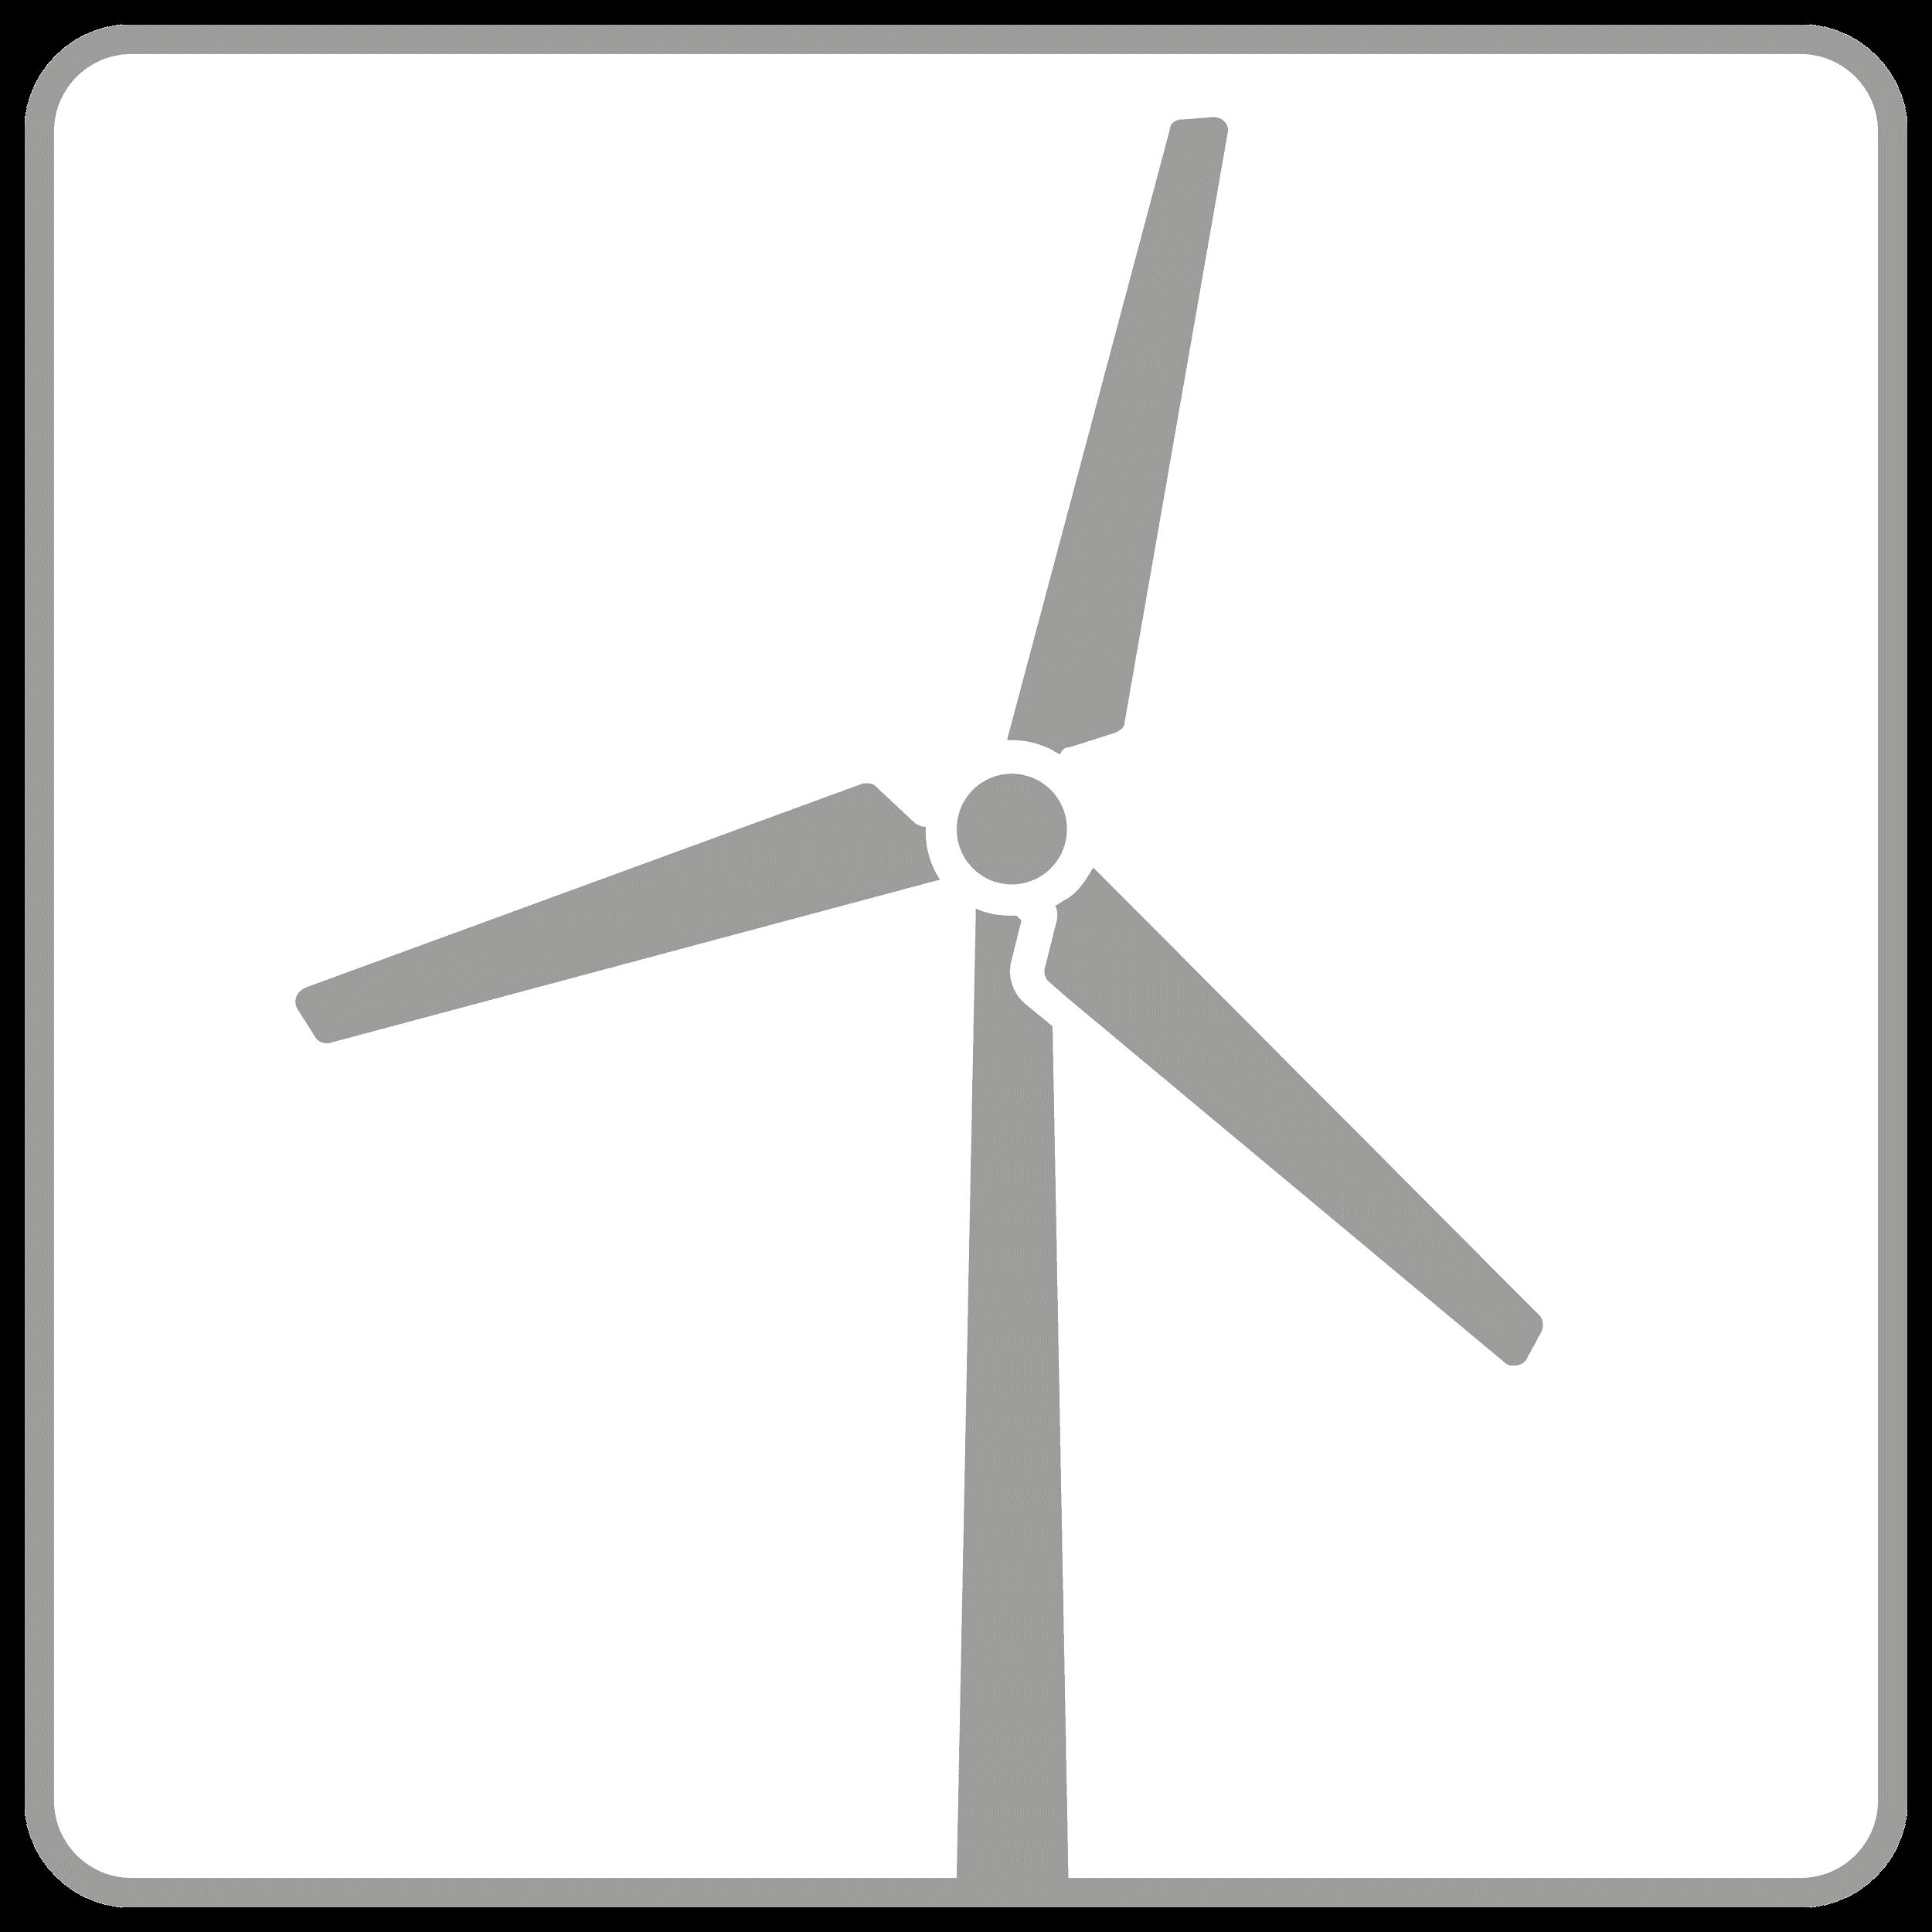 imagen sobre energía eólica de baja potencia